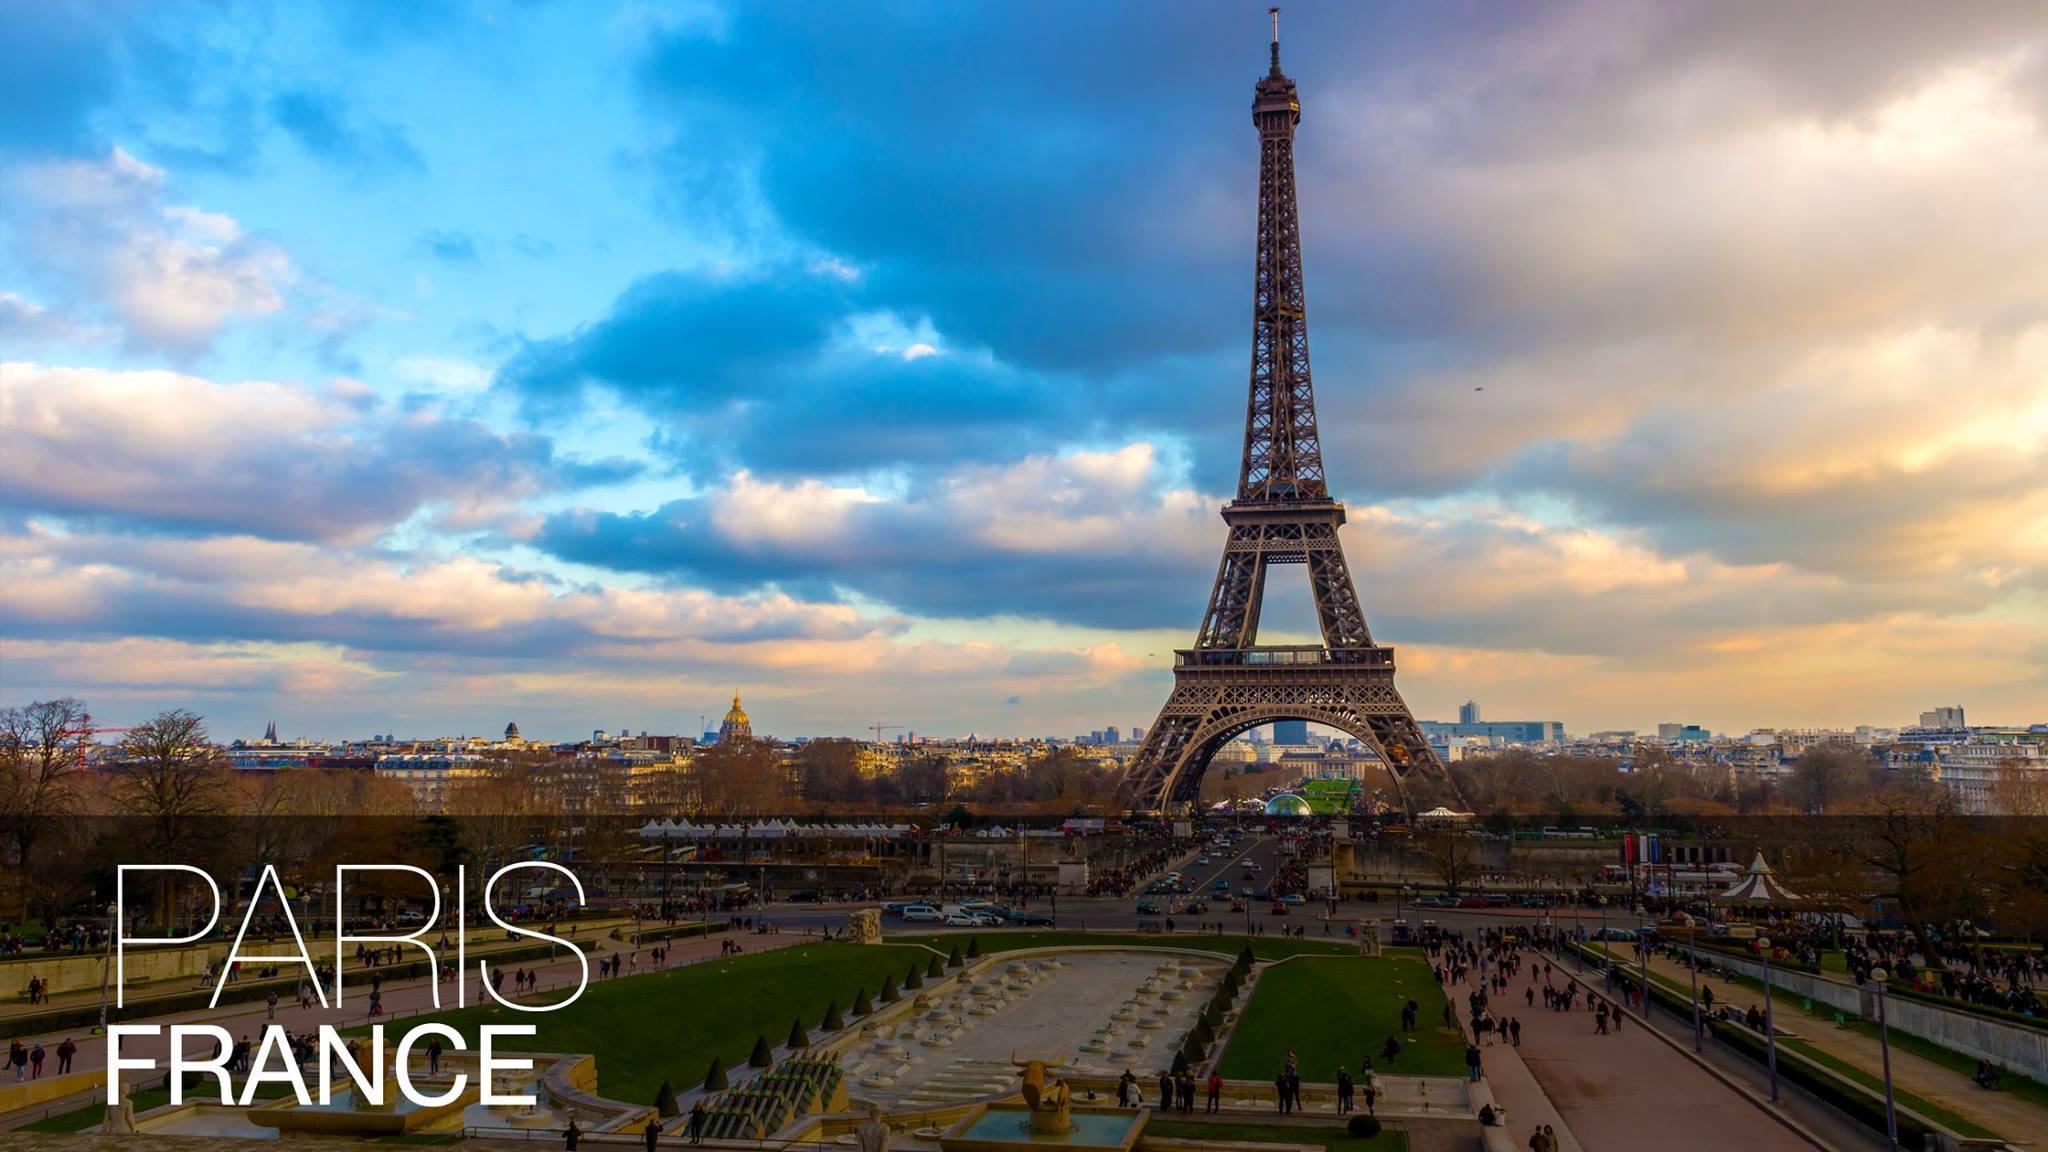 Nước Pháp đặt theo tên bộ lạc là Franks - Bạn biết chưa? Tên nước Úc bắt nguồn từ đâu và quy tắc đặt tên các nước trên thế giới